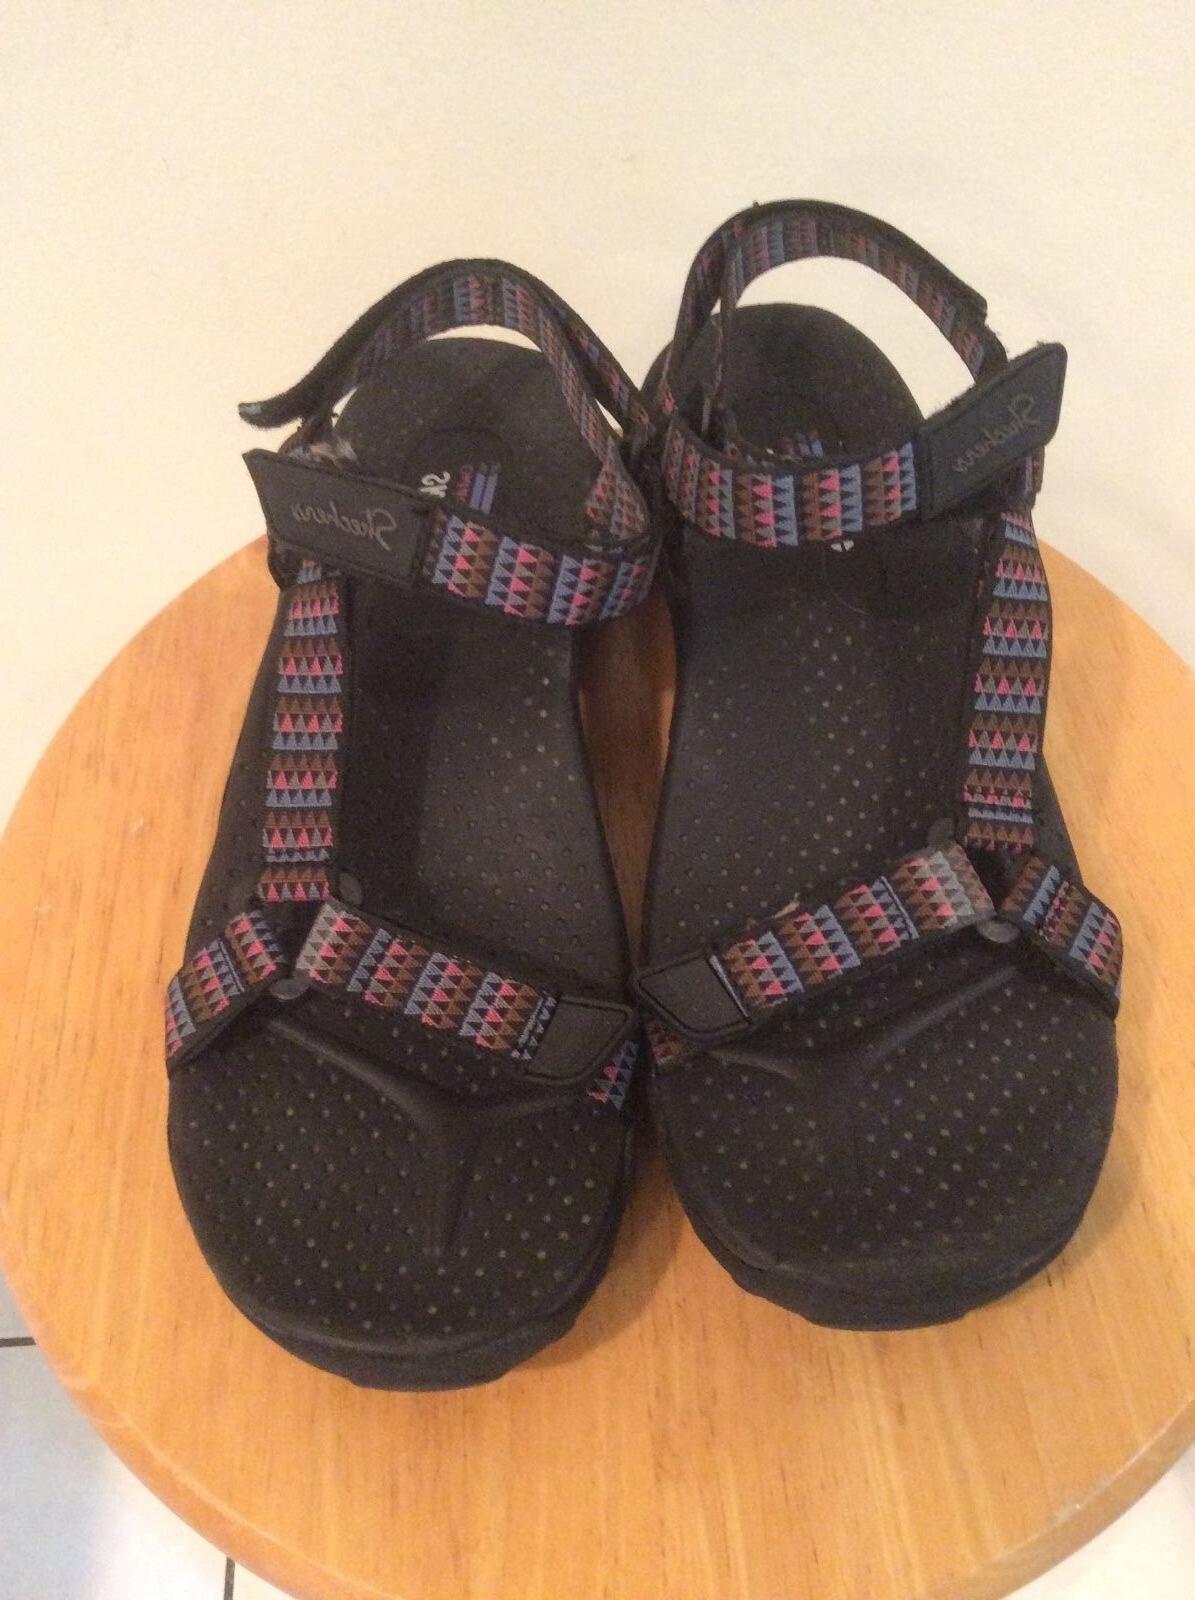 Skechers sandals womens multi colors water shoes Sz 9 M EUC